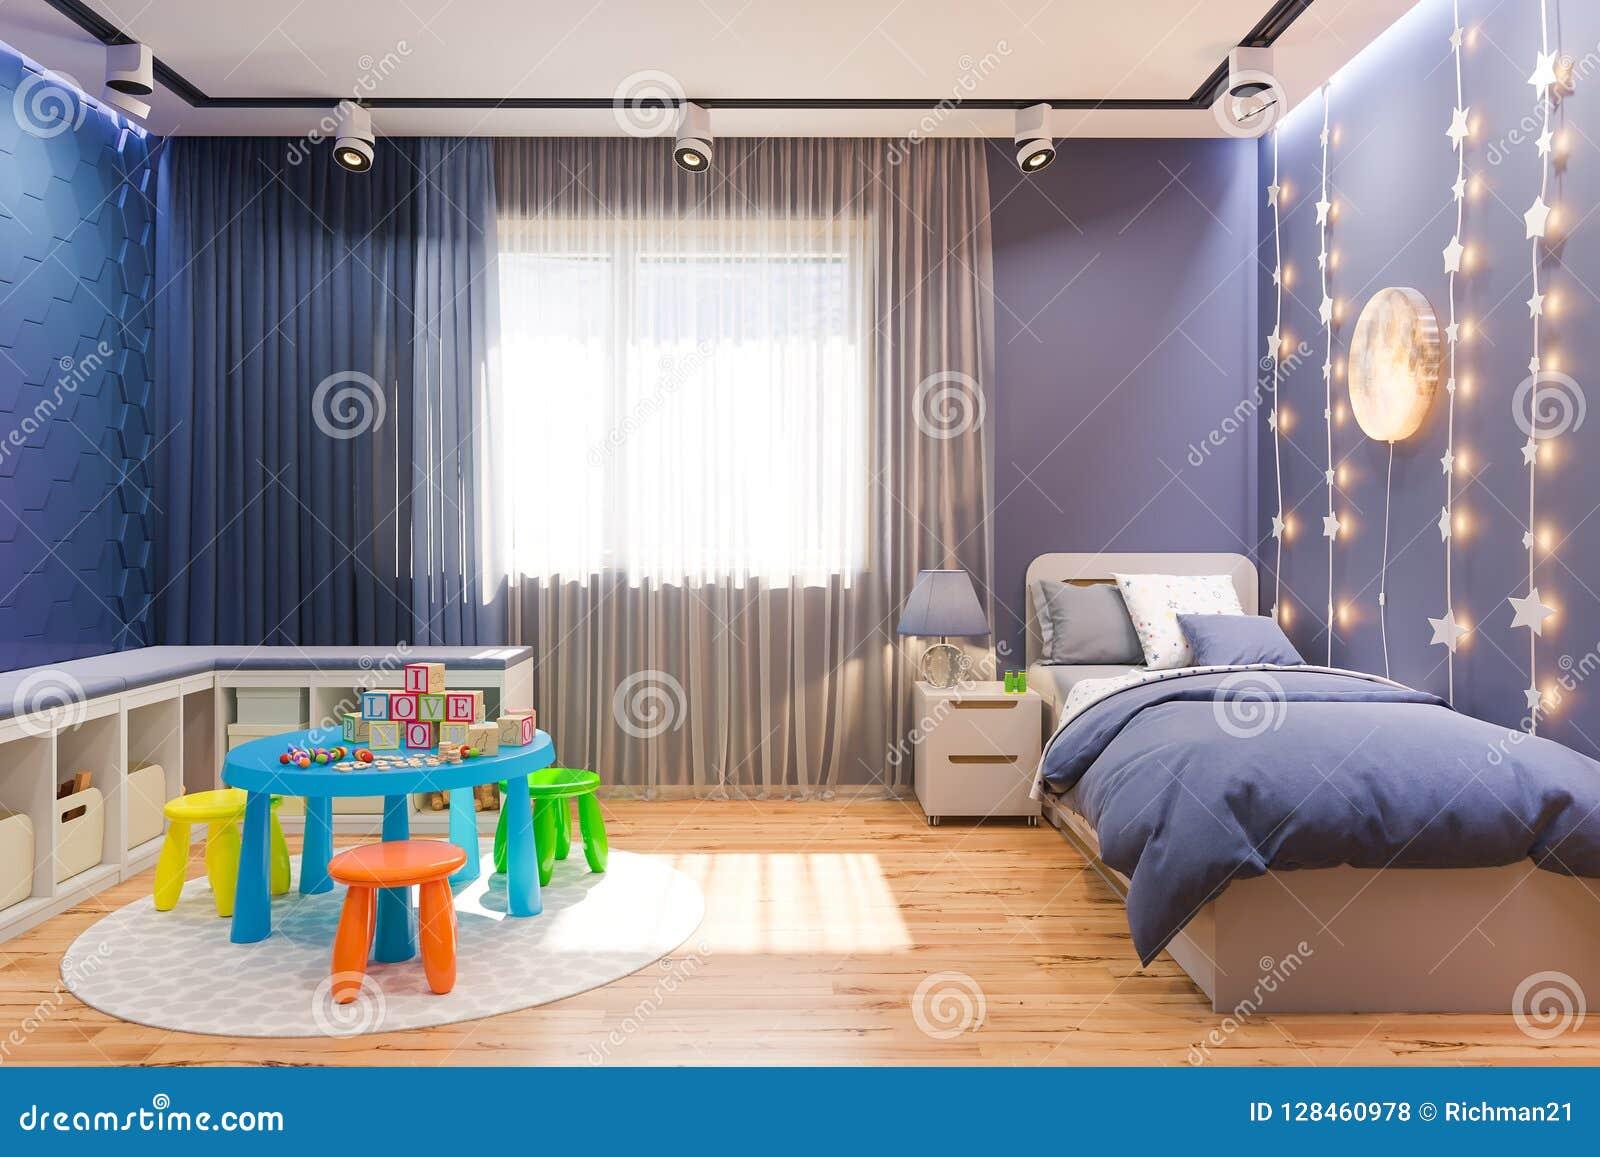 3d Render Of The Children S Bedroom Interior In Deep Blue Color